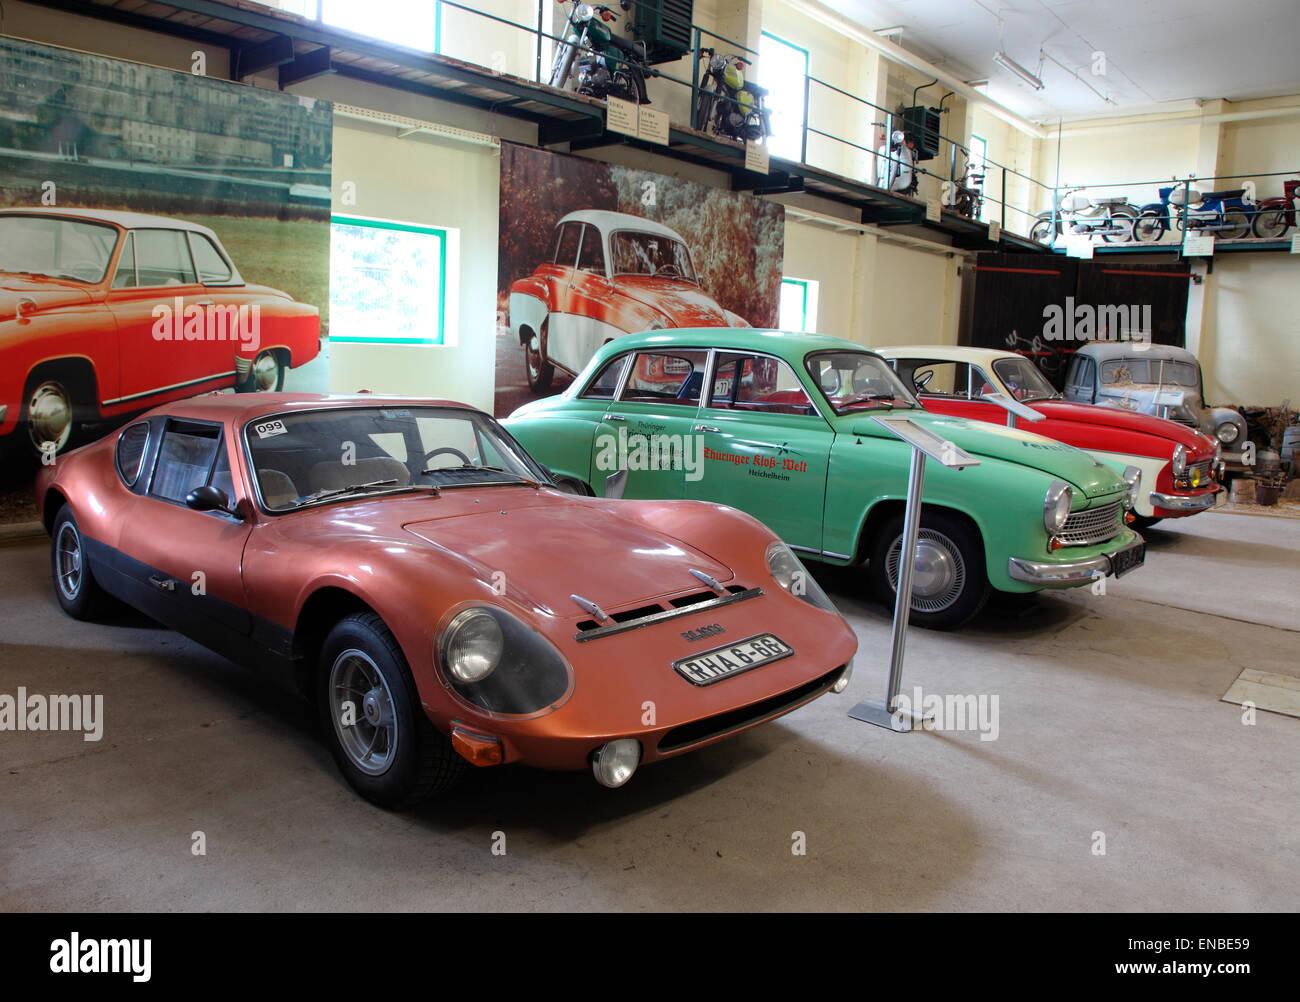 Alemania Oriental Vintage Eisenacher automóviles en exhibición en el Museo Thuringer Dumpling. Imagen De Stock